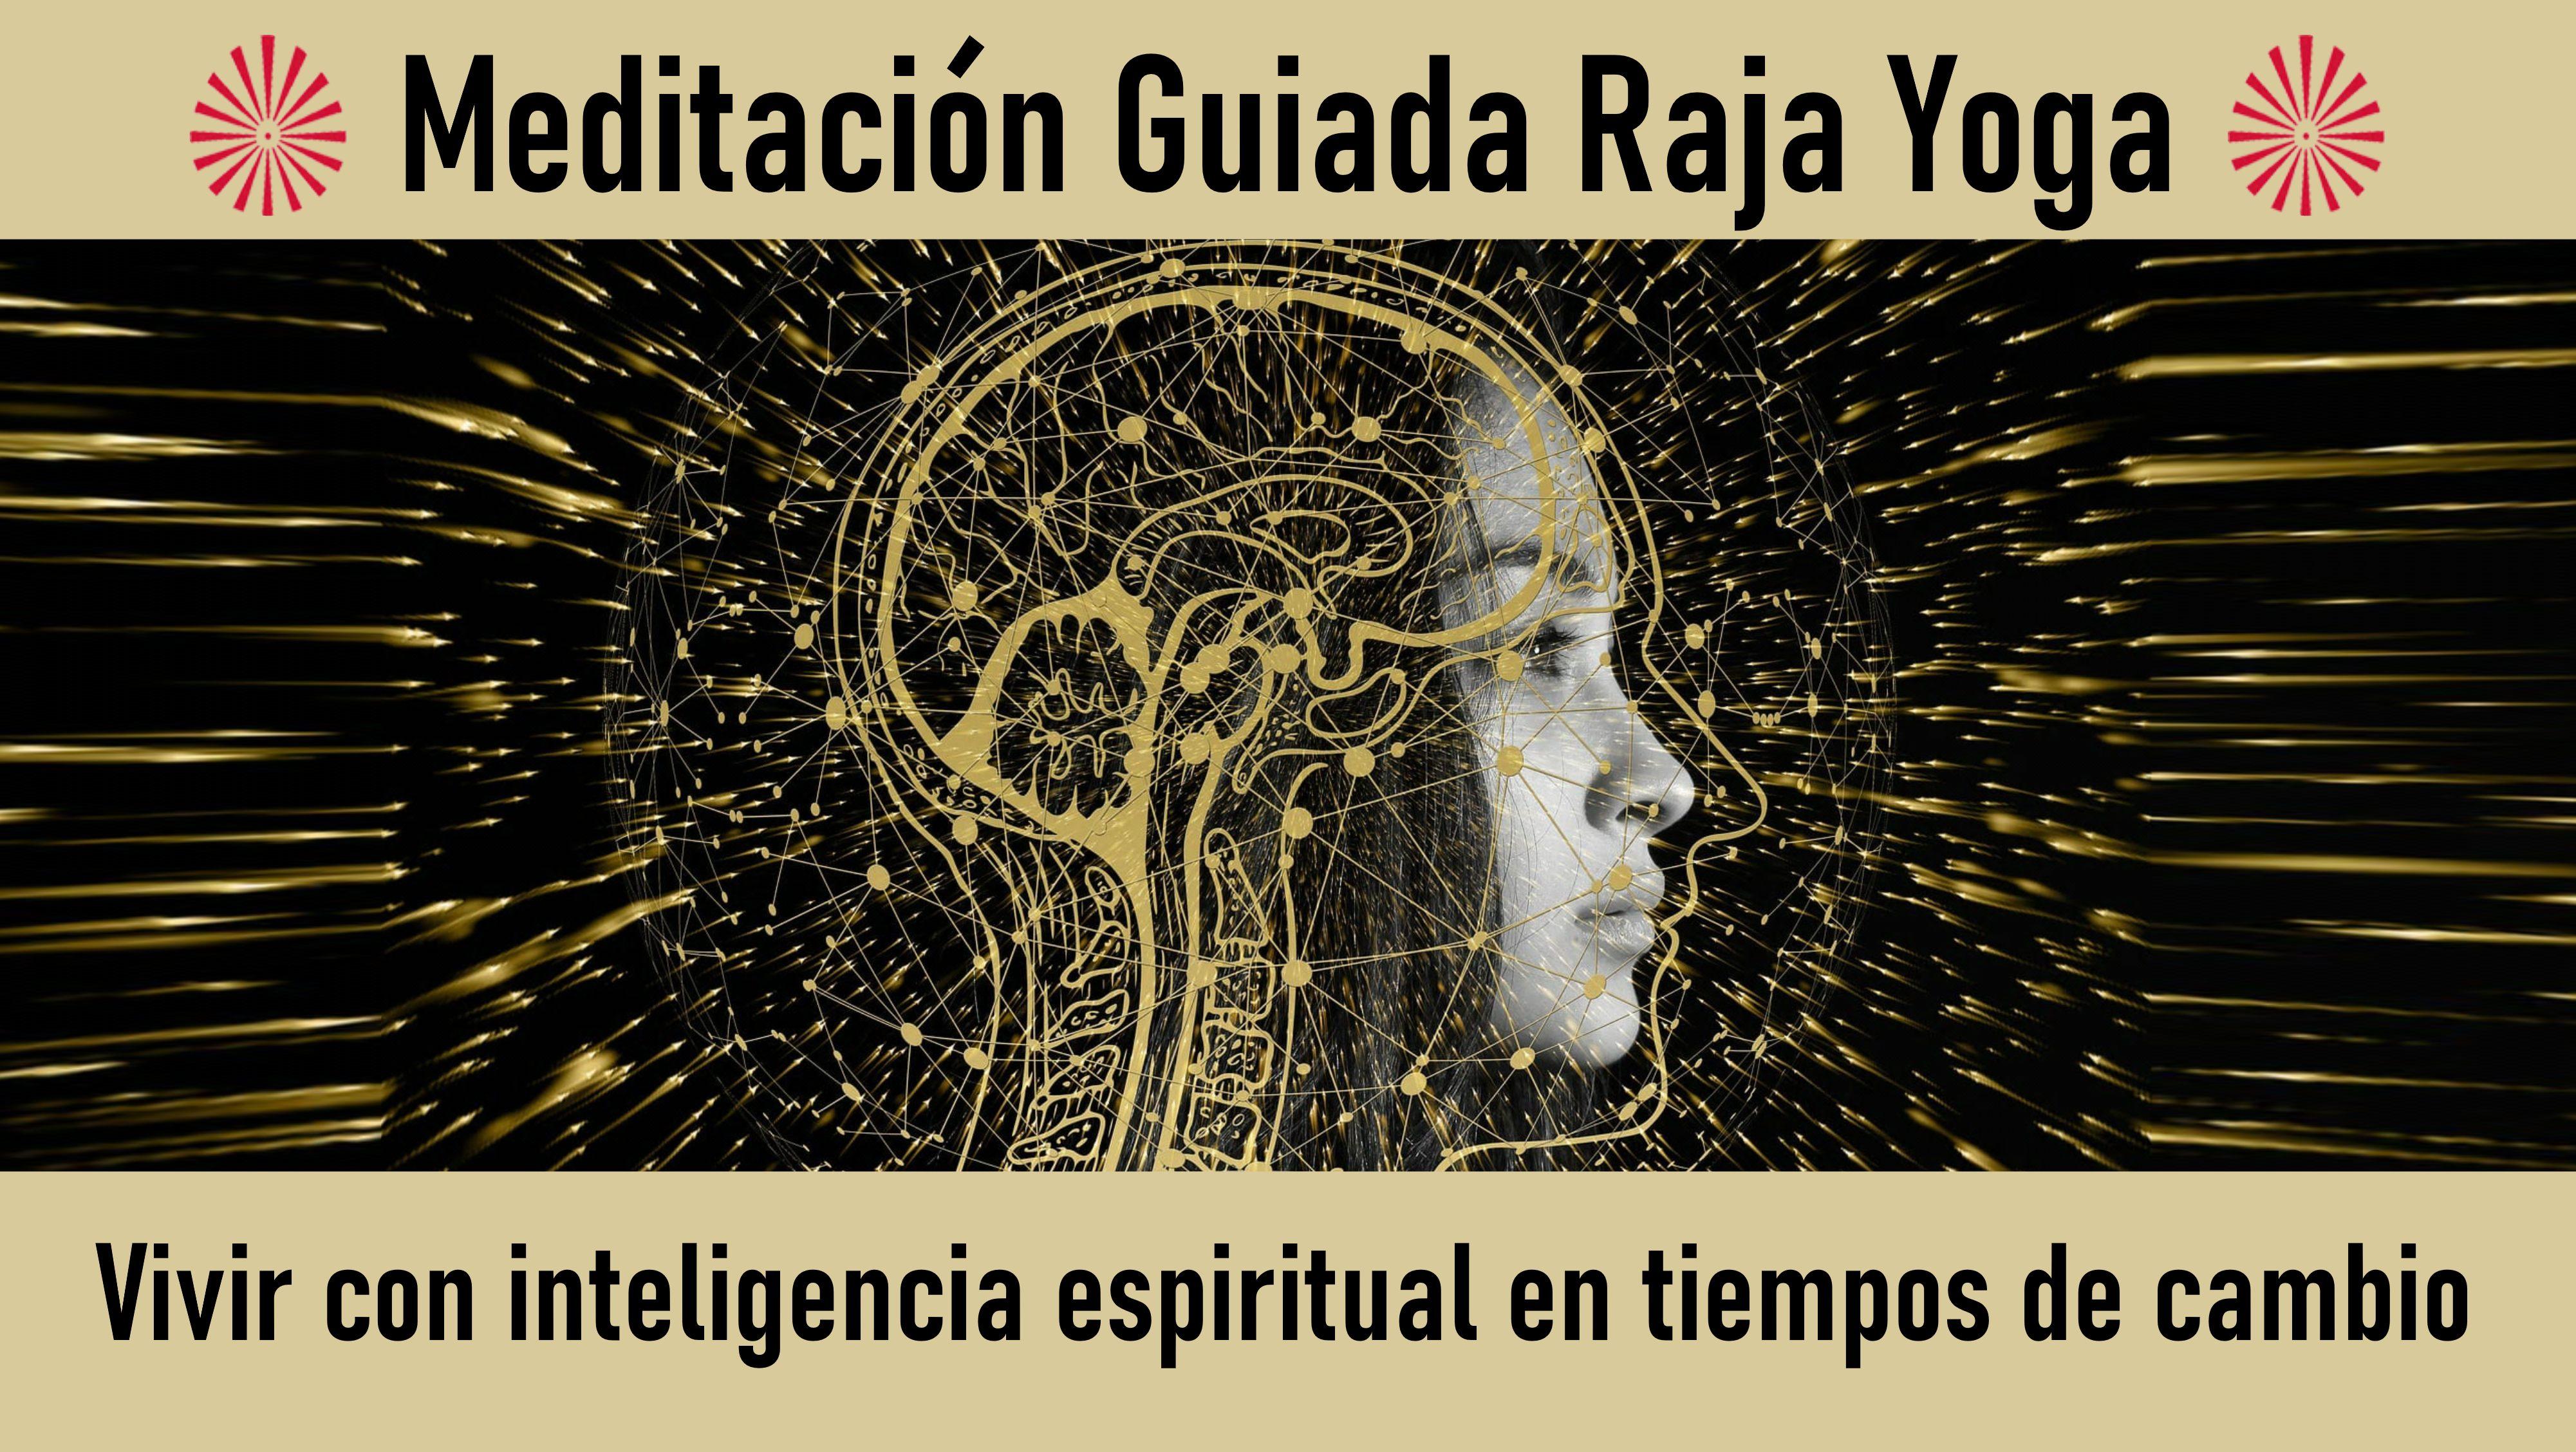 21  Julio 2020 Meditación Guiada: Vivir con inteligencia espiritual en tiempos de cambio